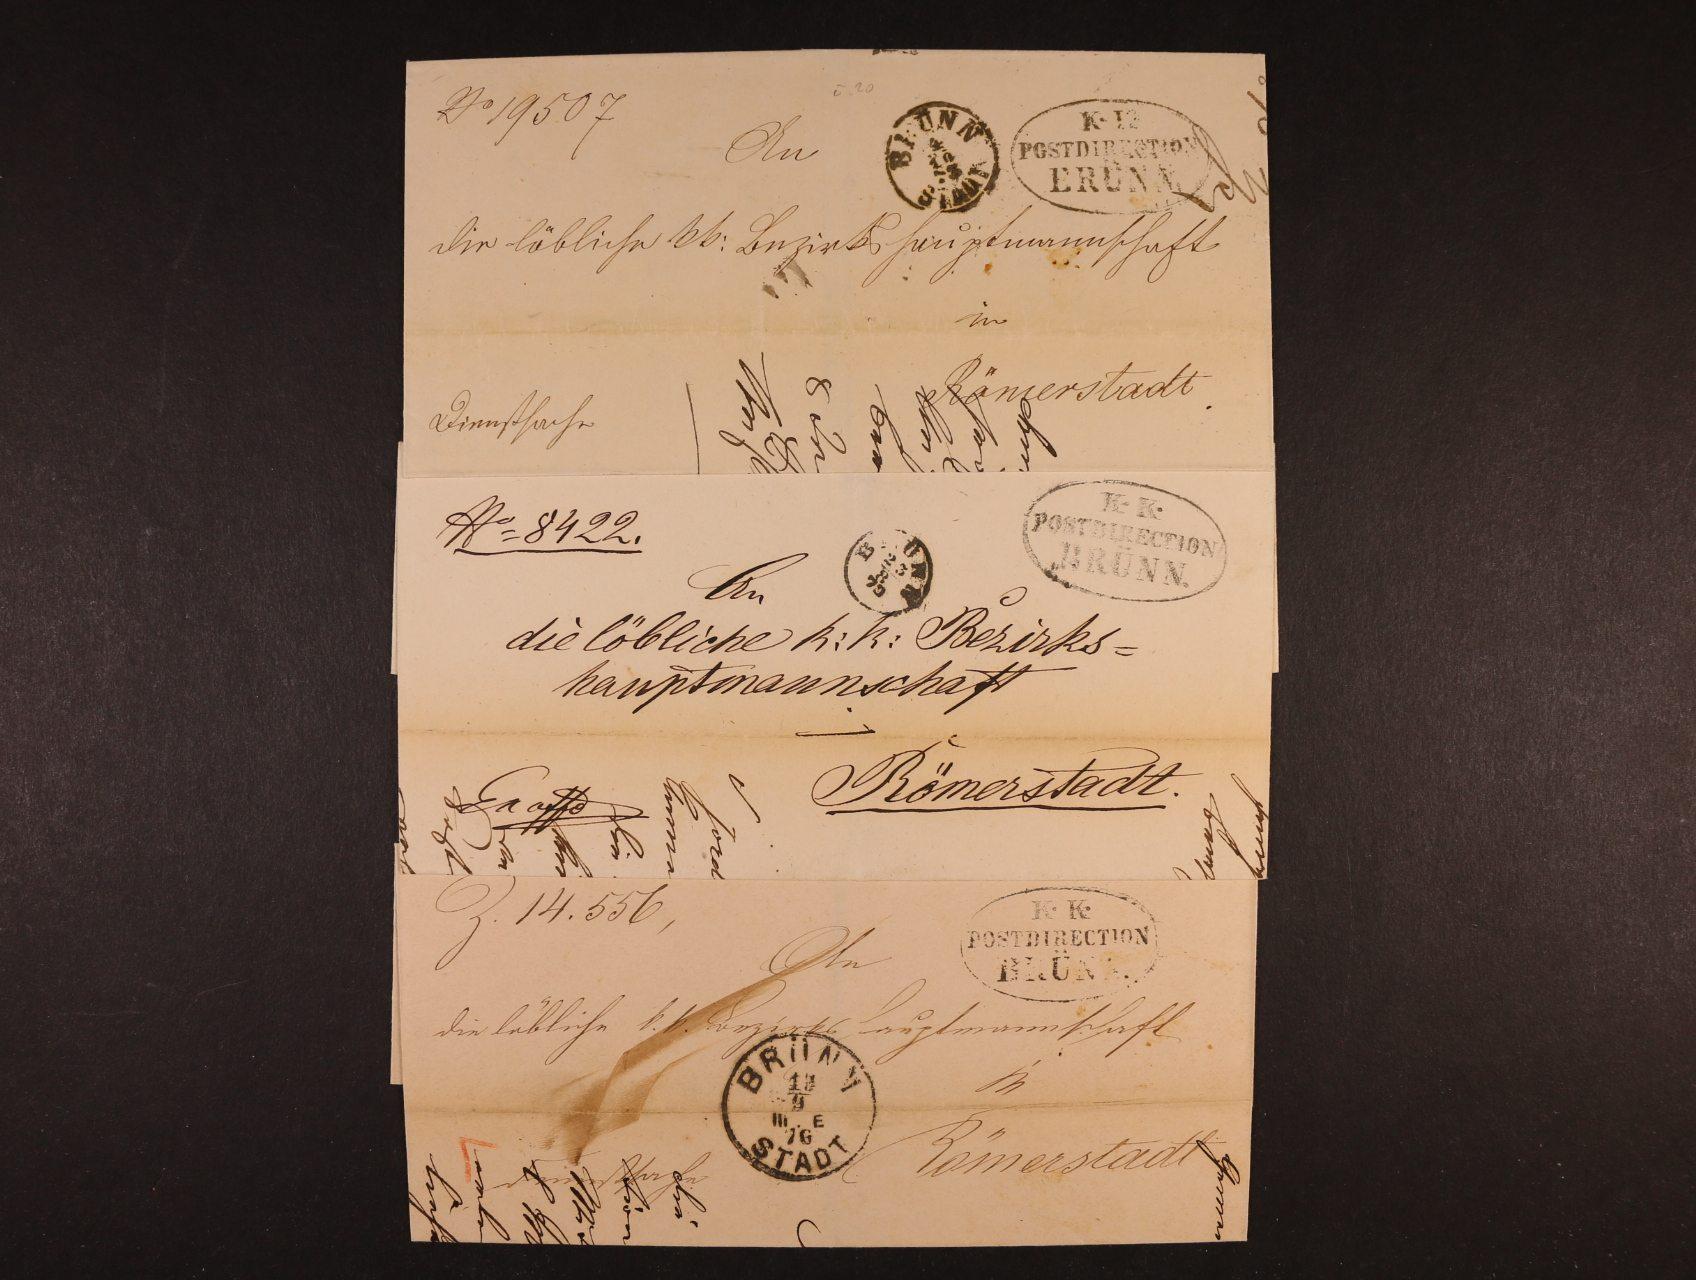 sestava 3 ks skl. dopisů EX offo z let 1870 - 76 se služ. oválným raz. K.K. POSTDIRECTION BRÜNN + raz. BRÜNN vždy v jiném typu